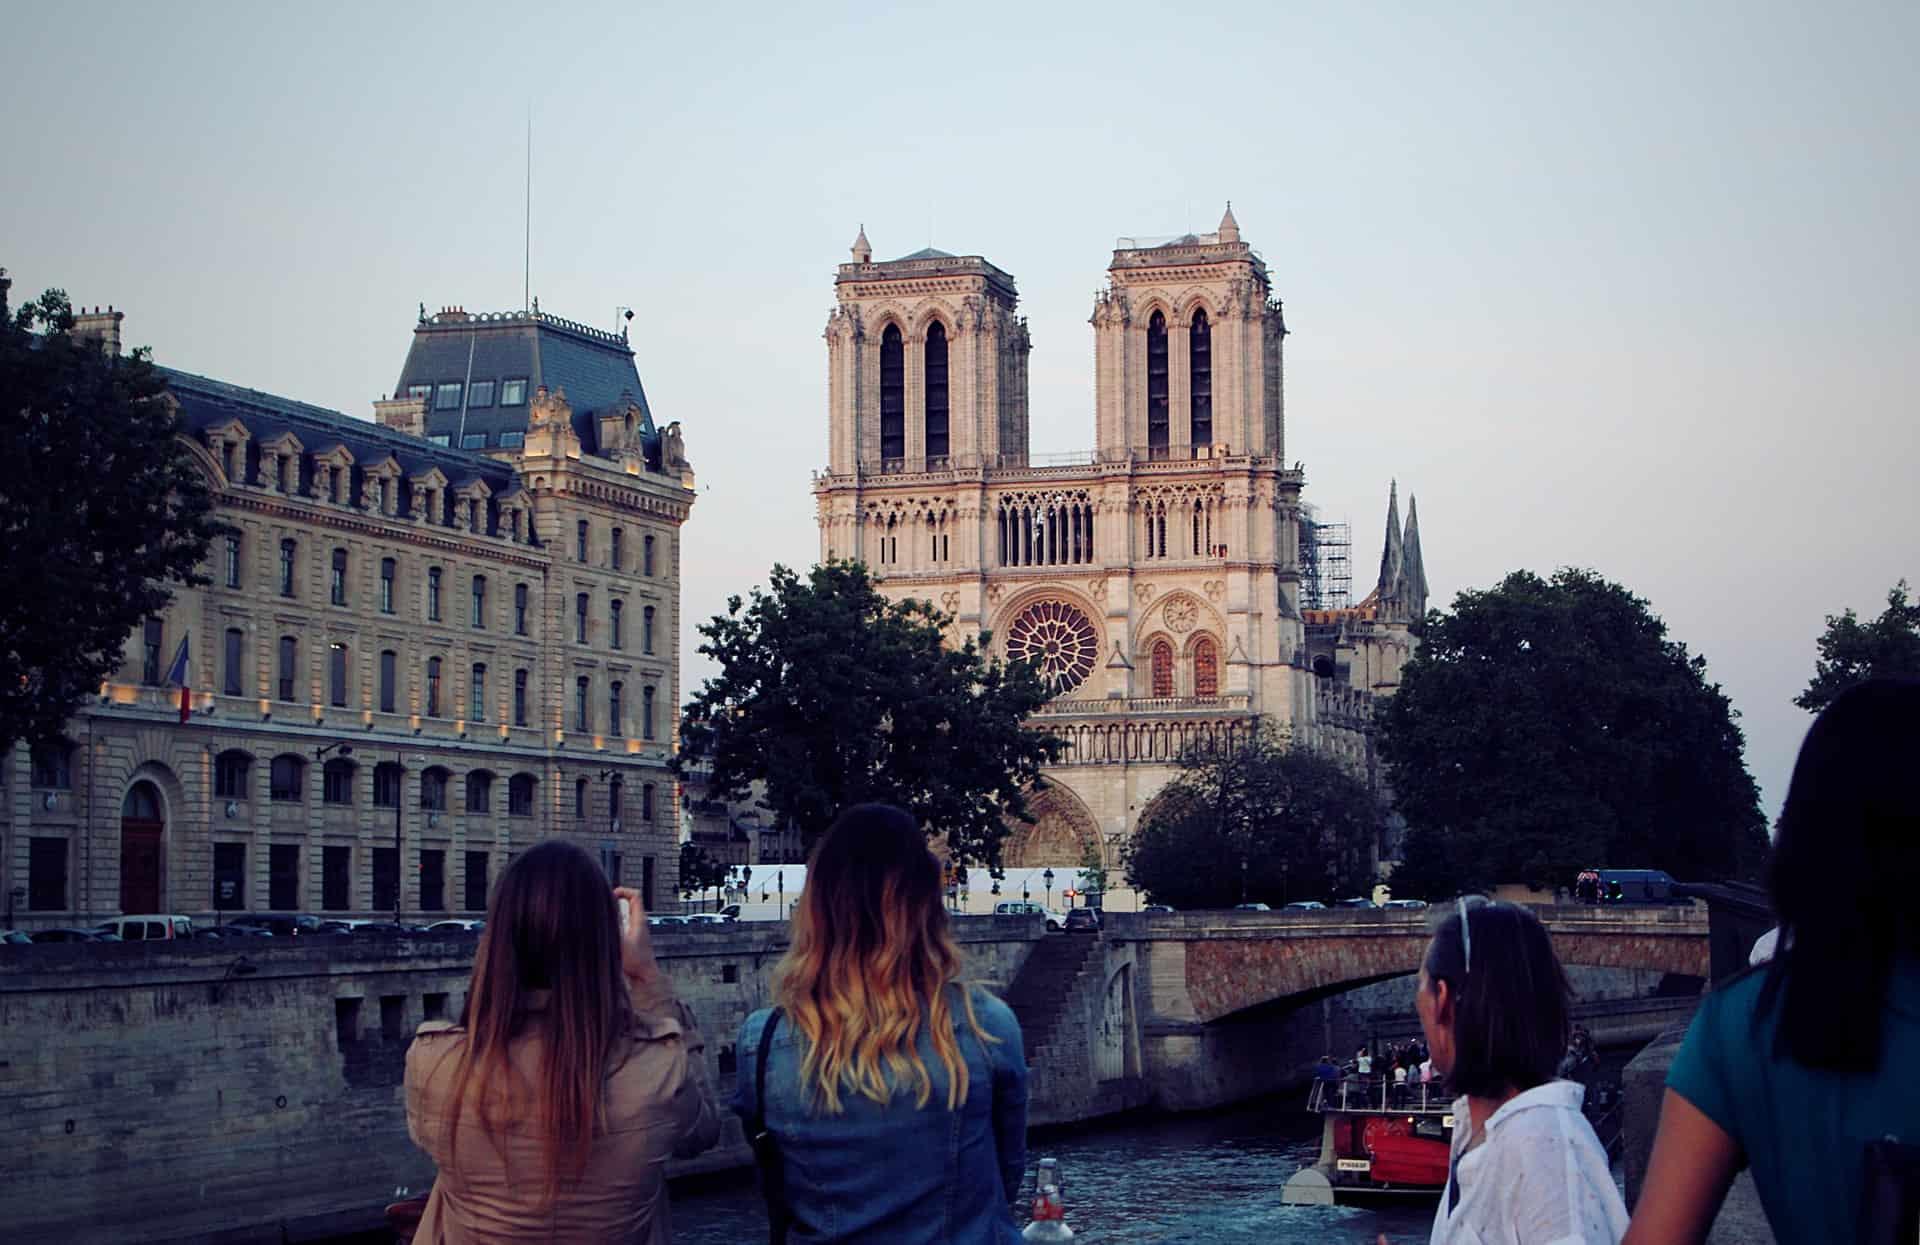 La renovación de Notre Dame continúa avanzando y ya removieron los andamiajes